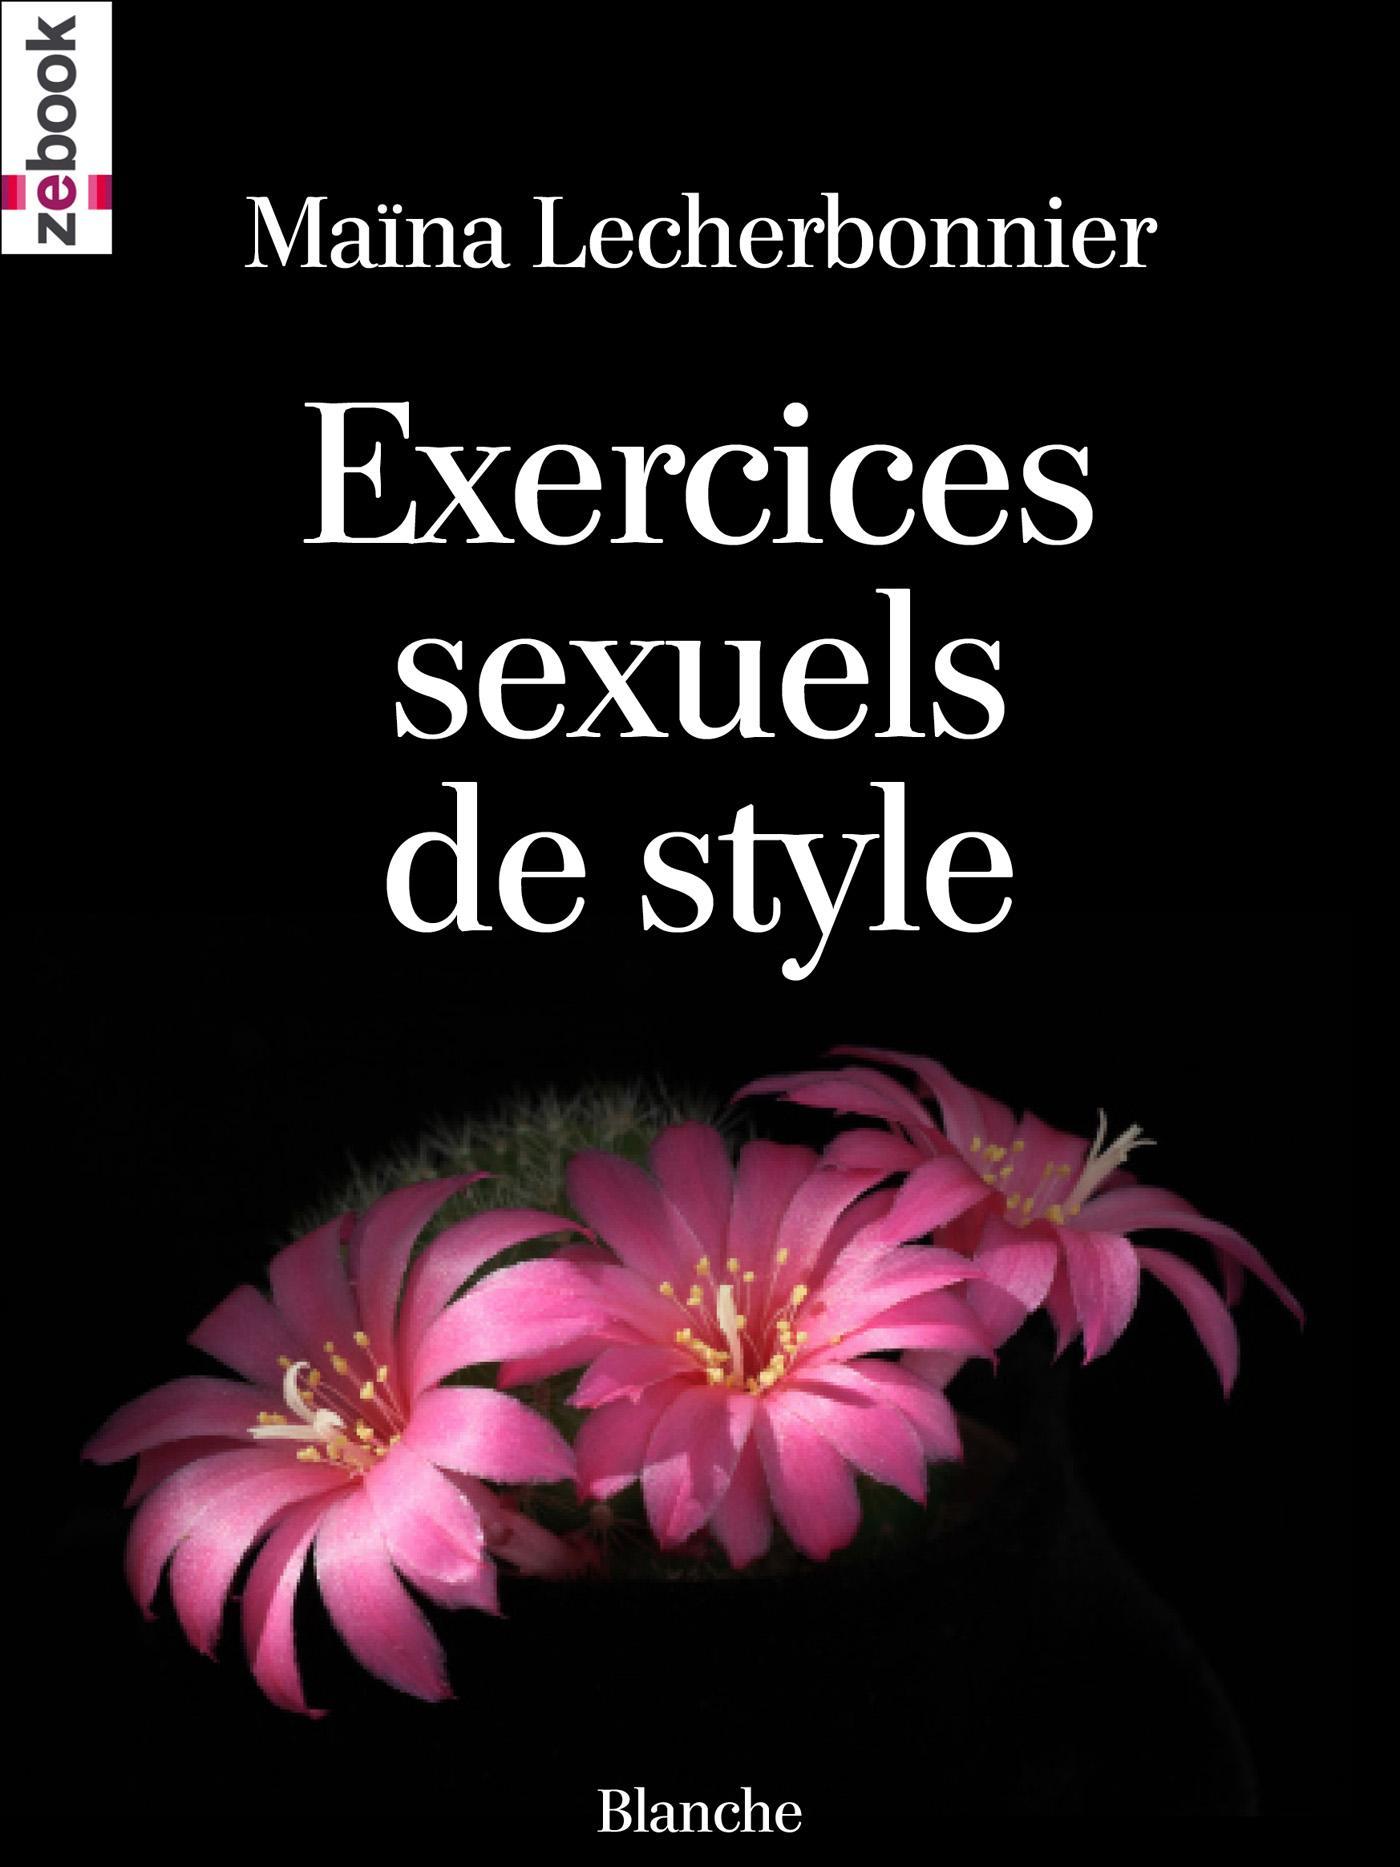 Exercices sexuels de style